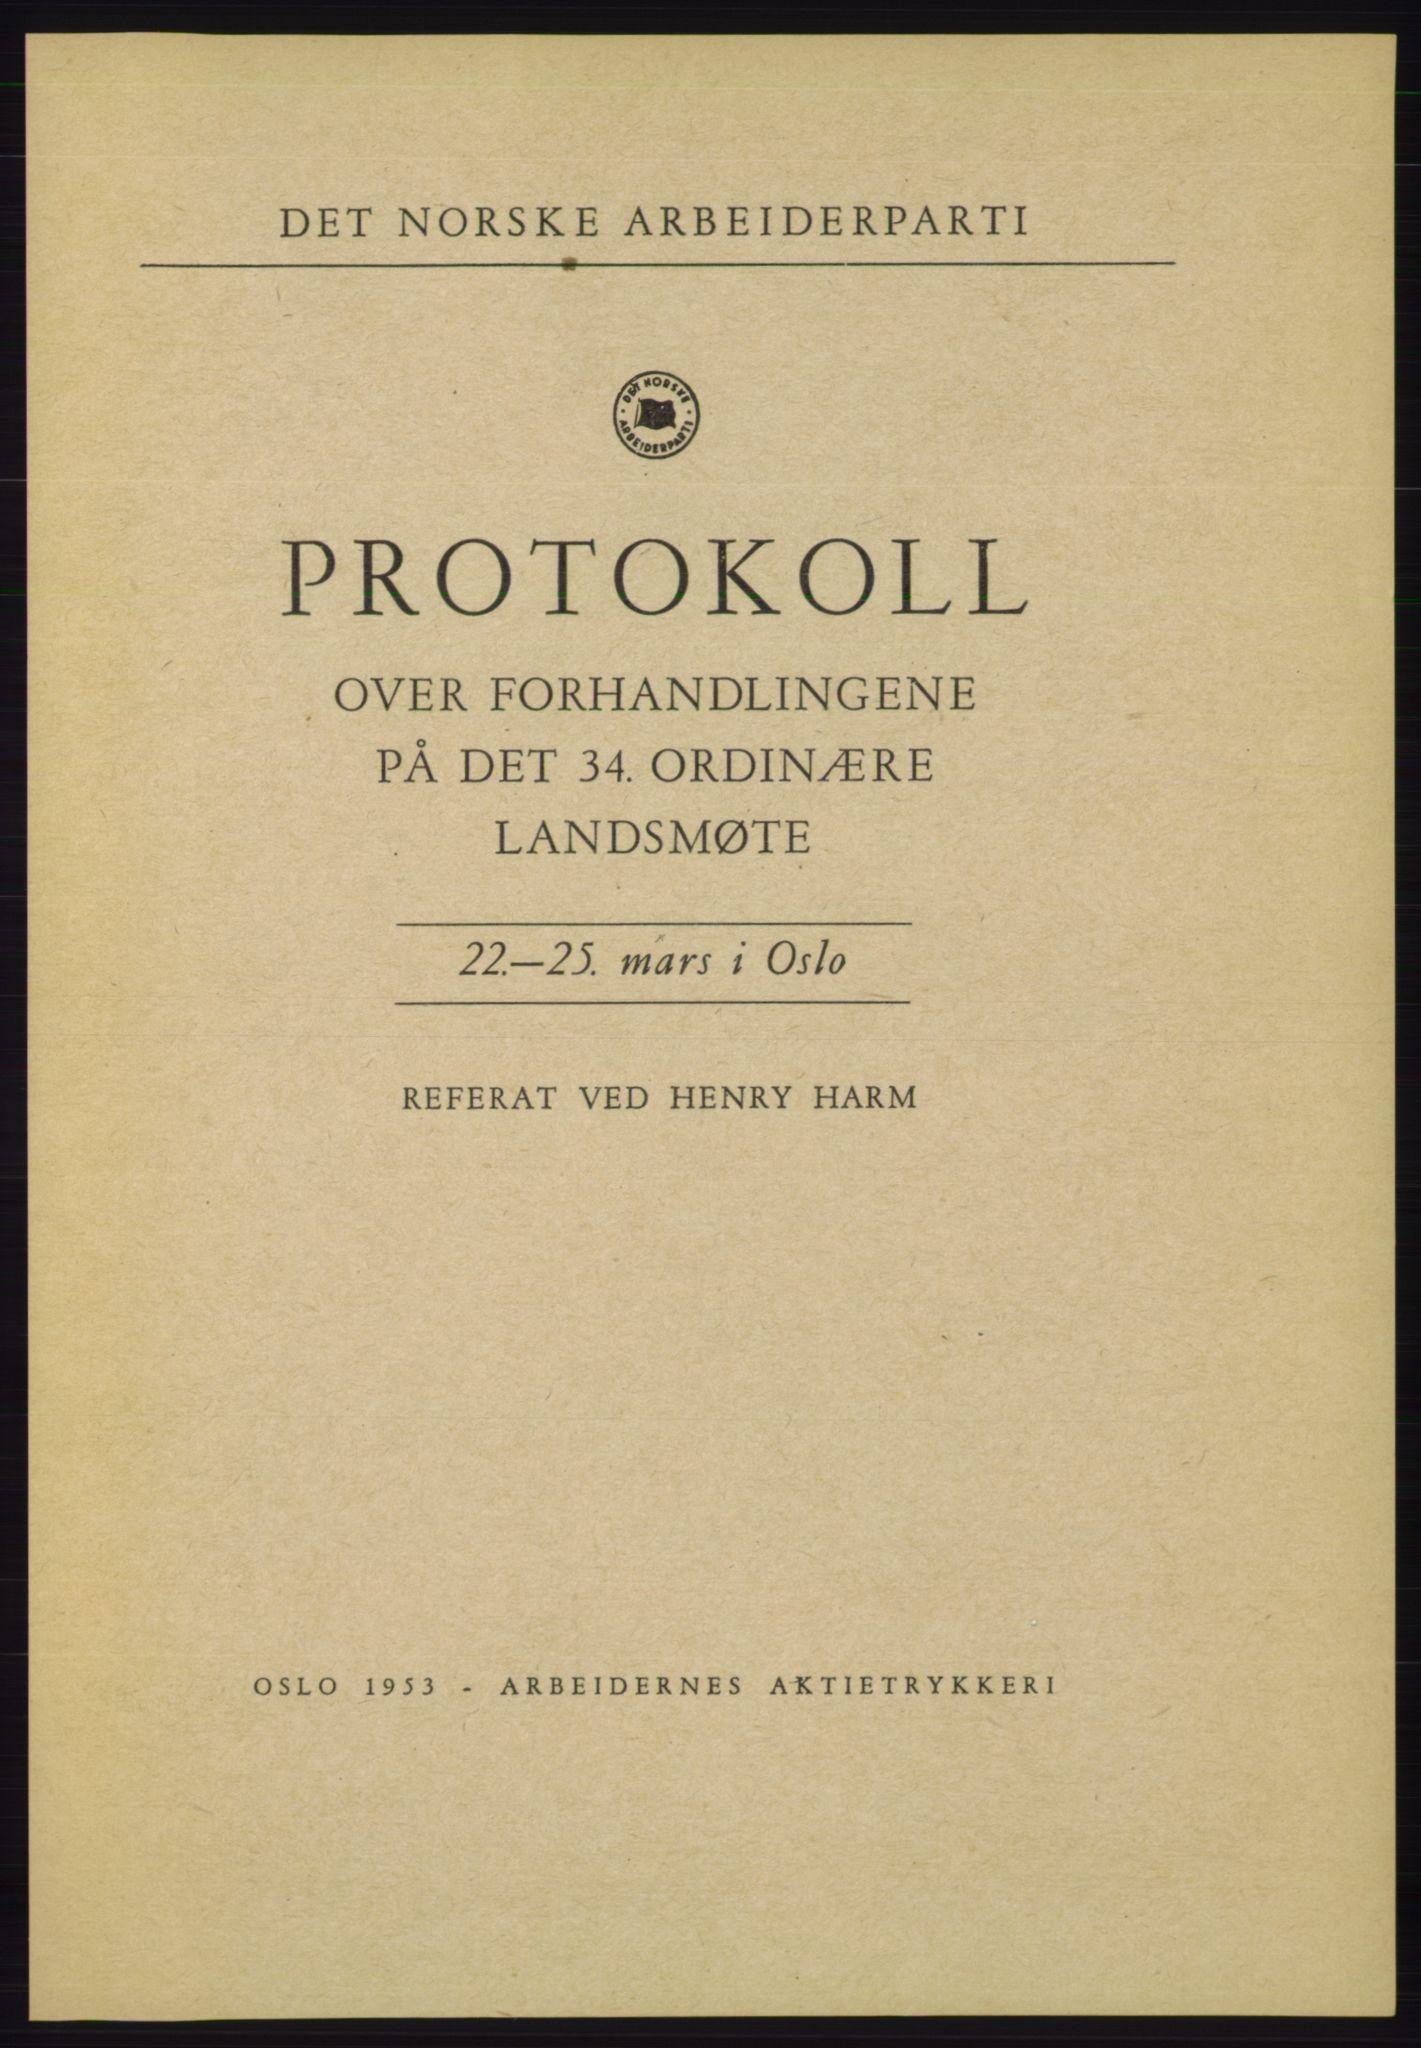 AAB, Det norske Arbeiderparti - publikasjoner, -/-: Protokoll over forhandlingene på det 34. ordinære landsmøte 22.-25. mars 1953 i Oslo, 1953